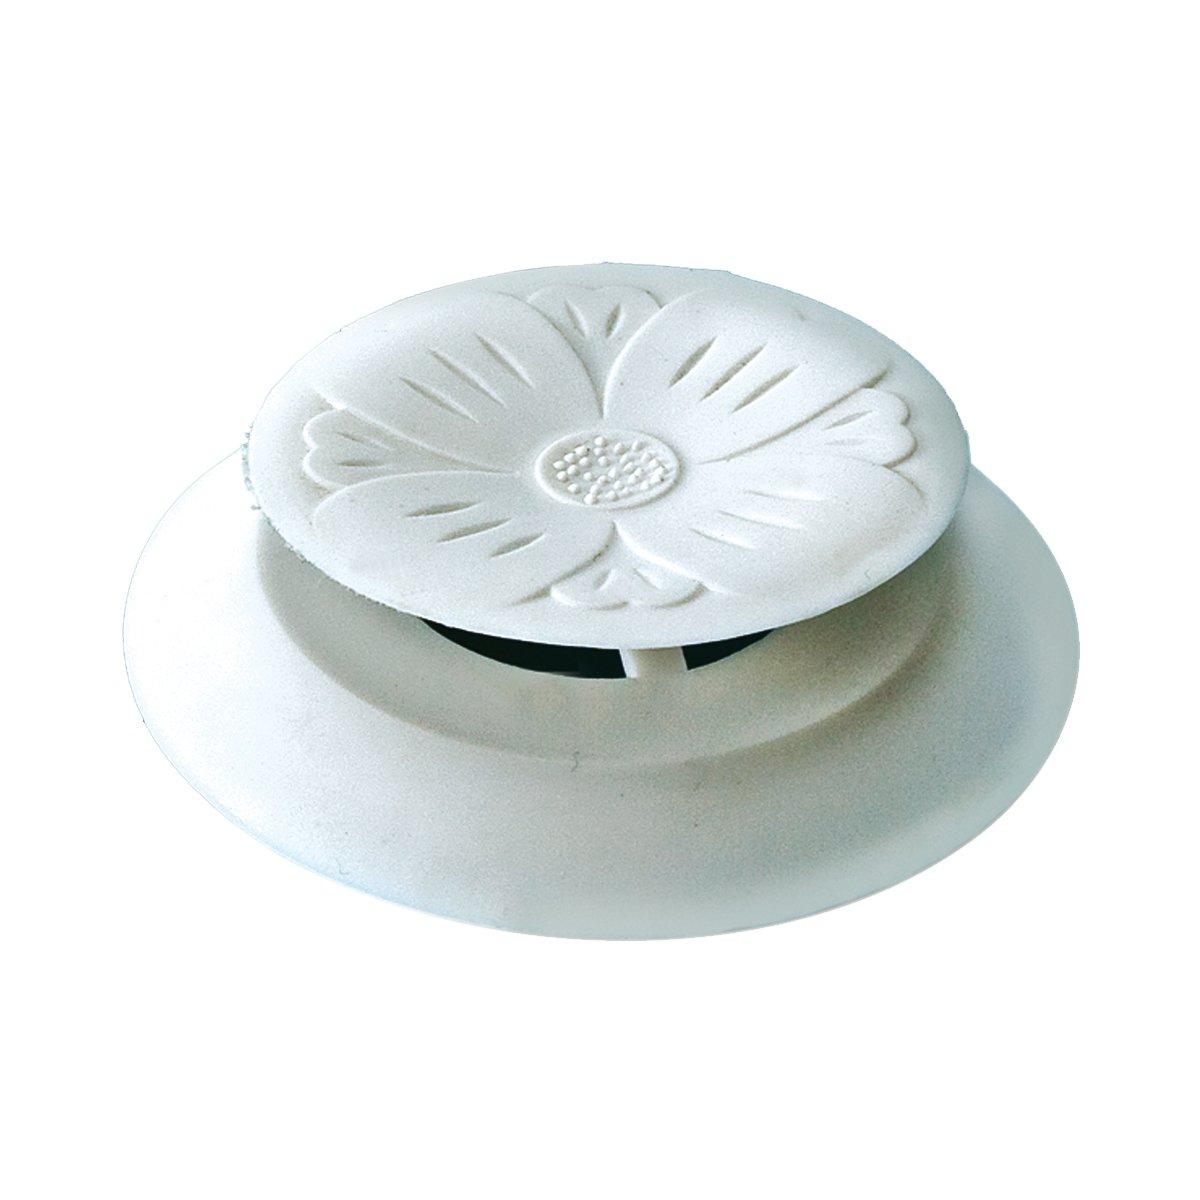 ComfortTrends Gootsteenstopper Afvoerstopper 2 stuks - Past in alle standaard baden en spoelbakken.